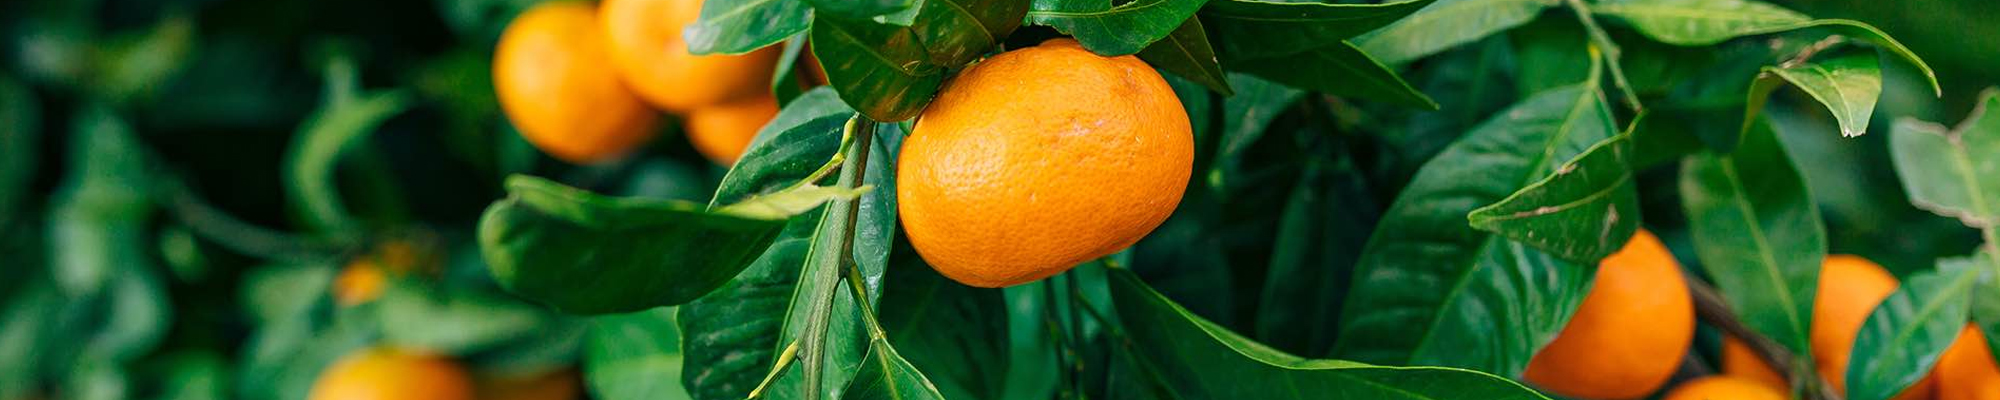 Mandarin_Fruit